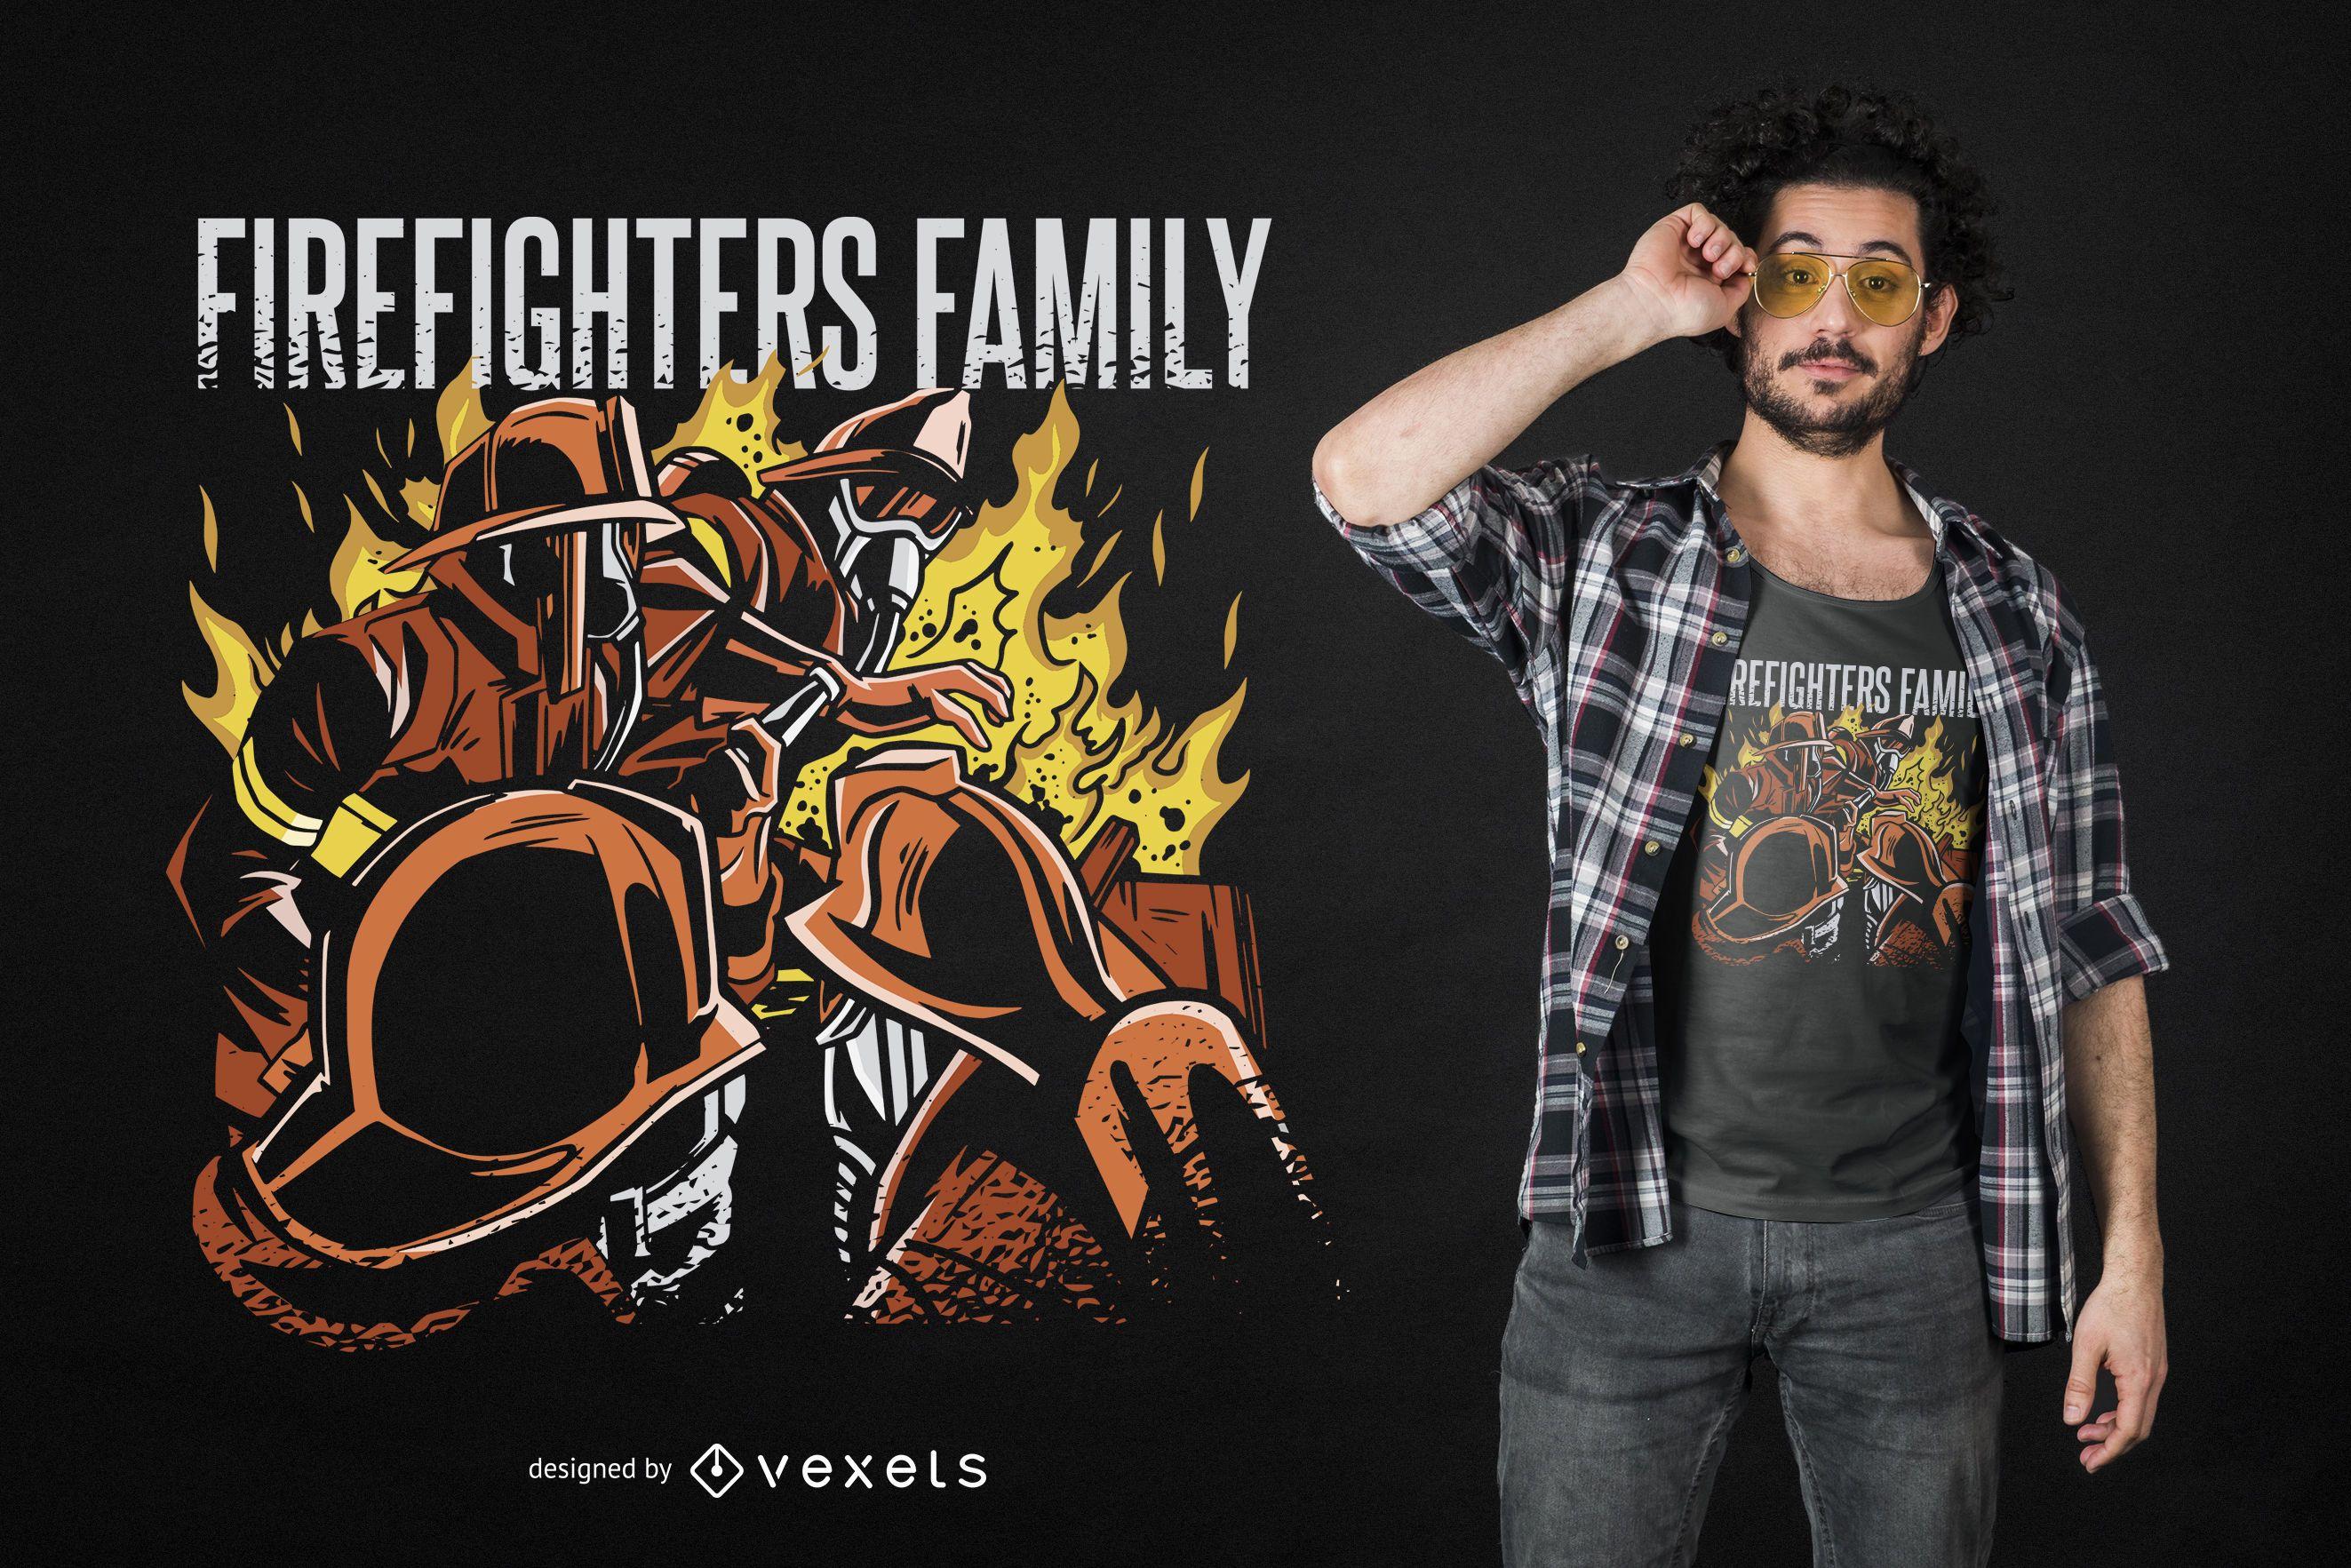 Firefighter Family T-shirt Design